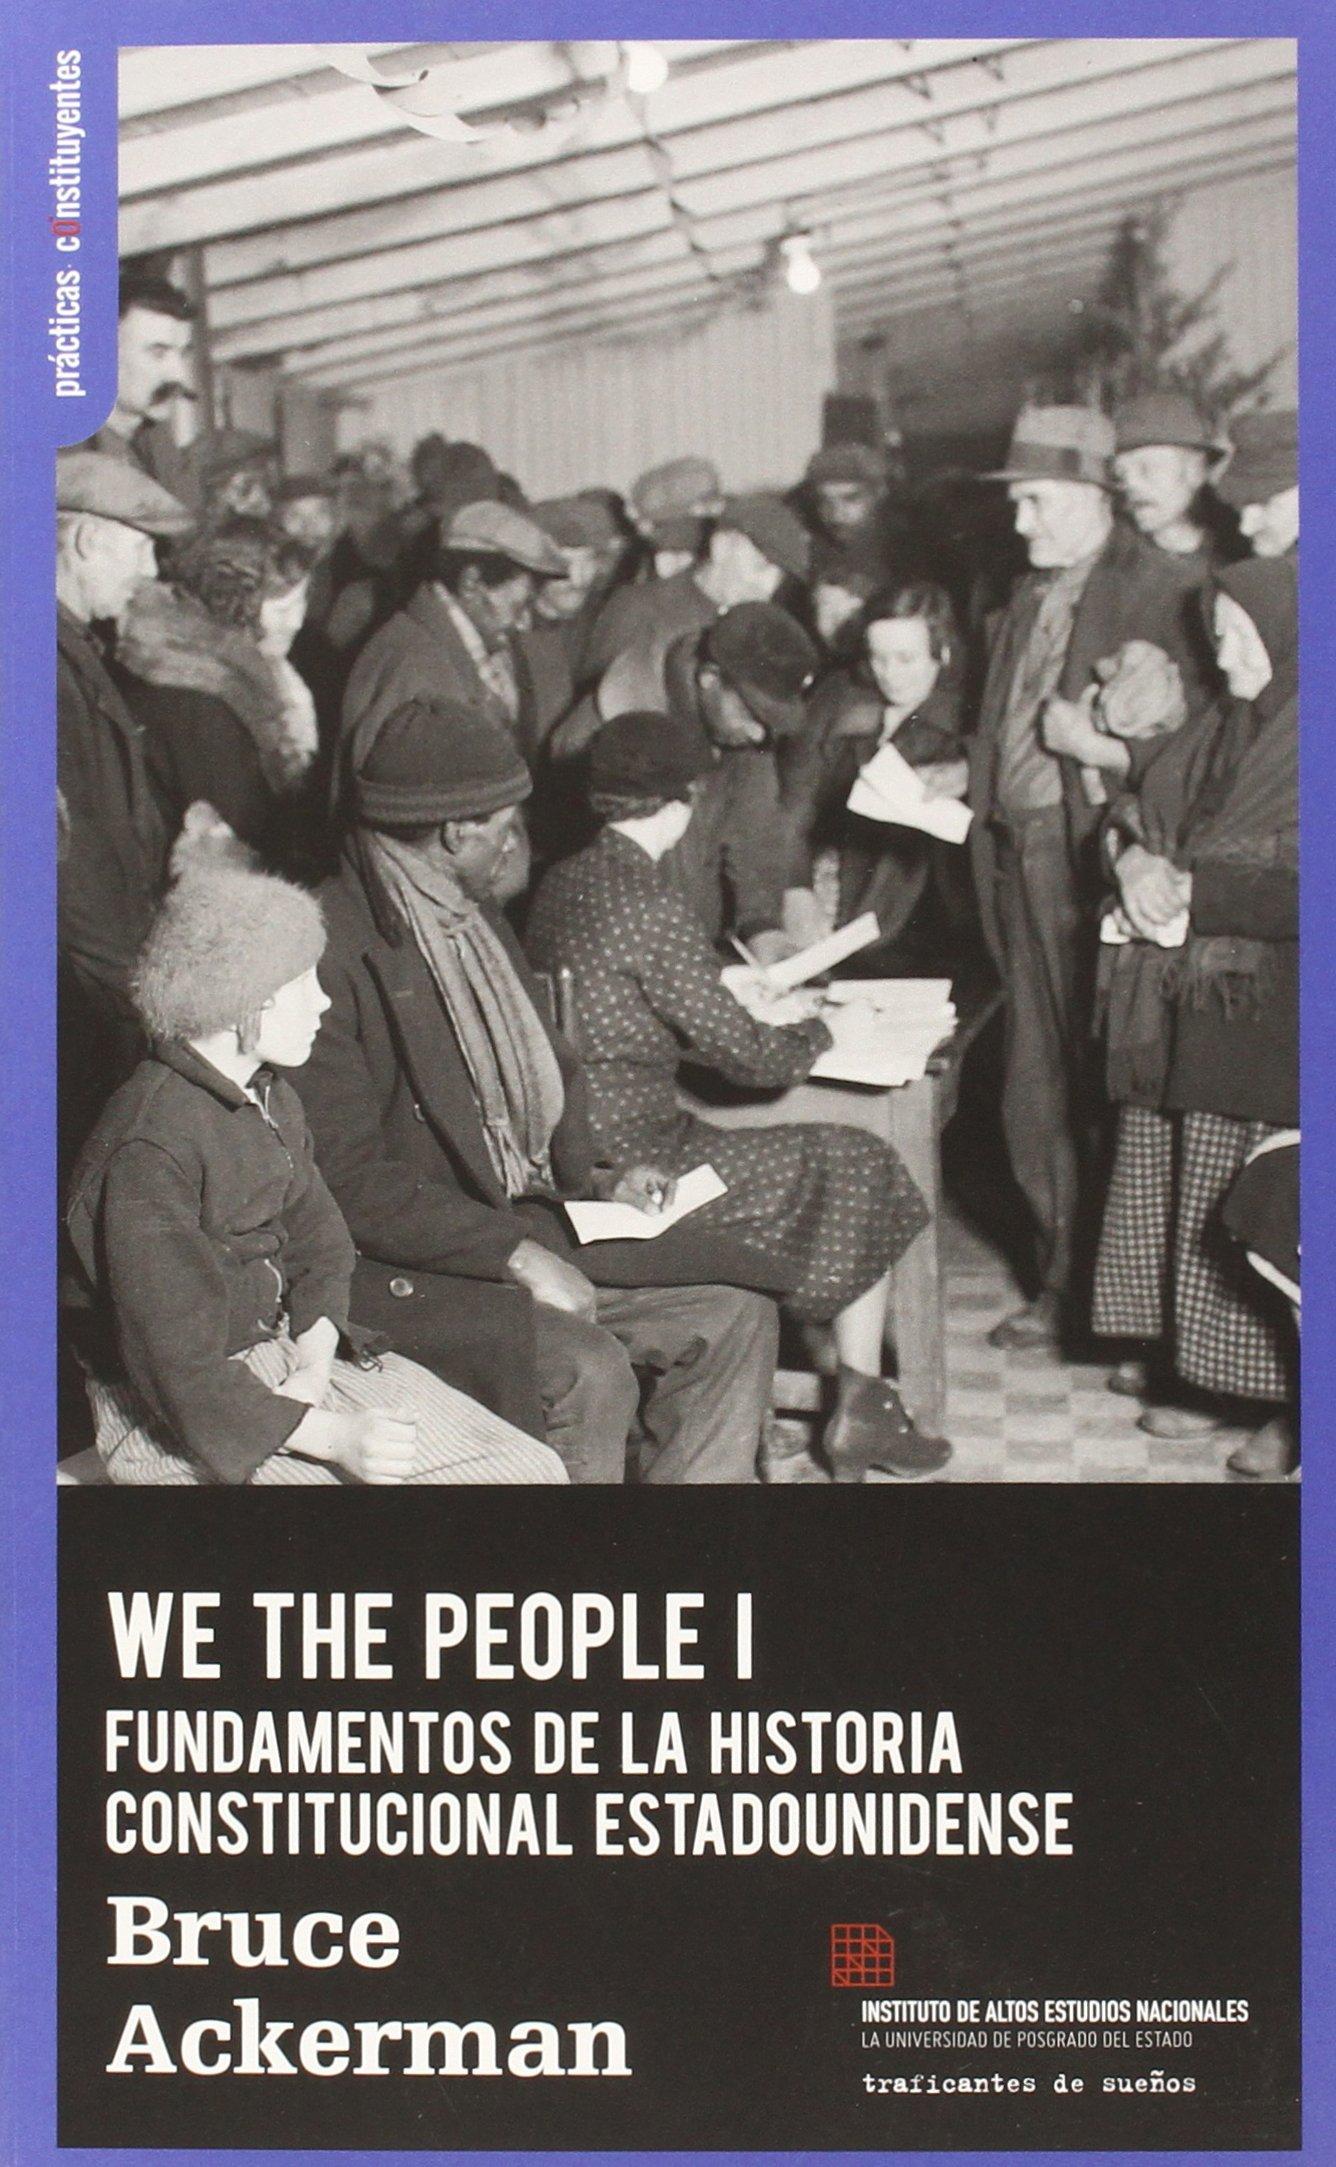 WE THE PEOPLE I. FUNDAMENTOS DE LA HISTORIA CONSTITUCIONAL ESTADOUNIDENSE